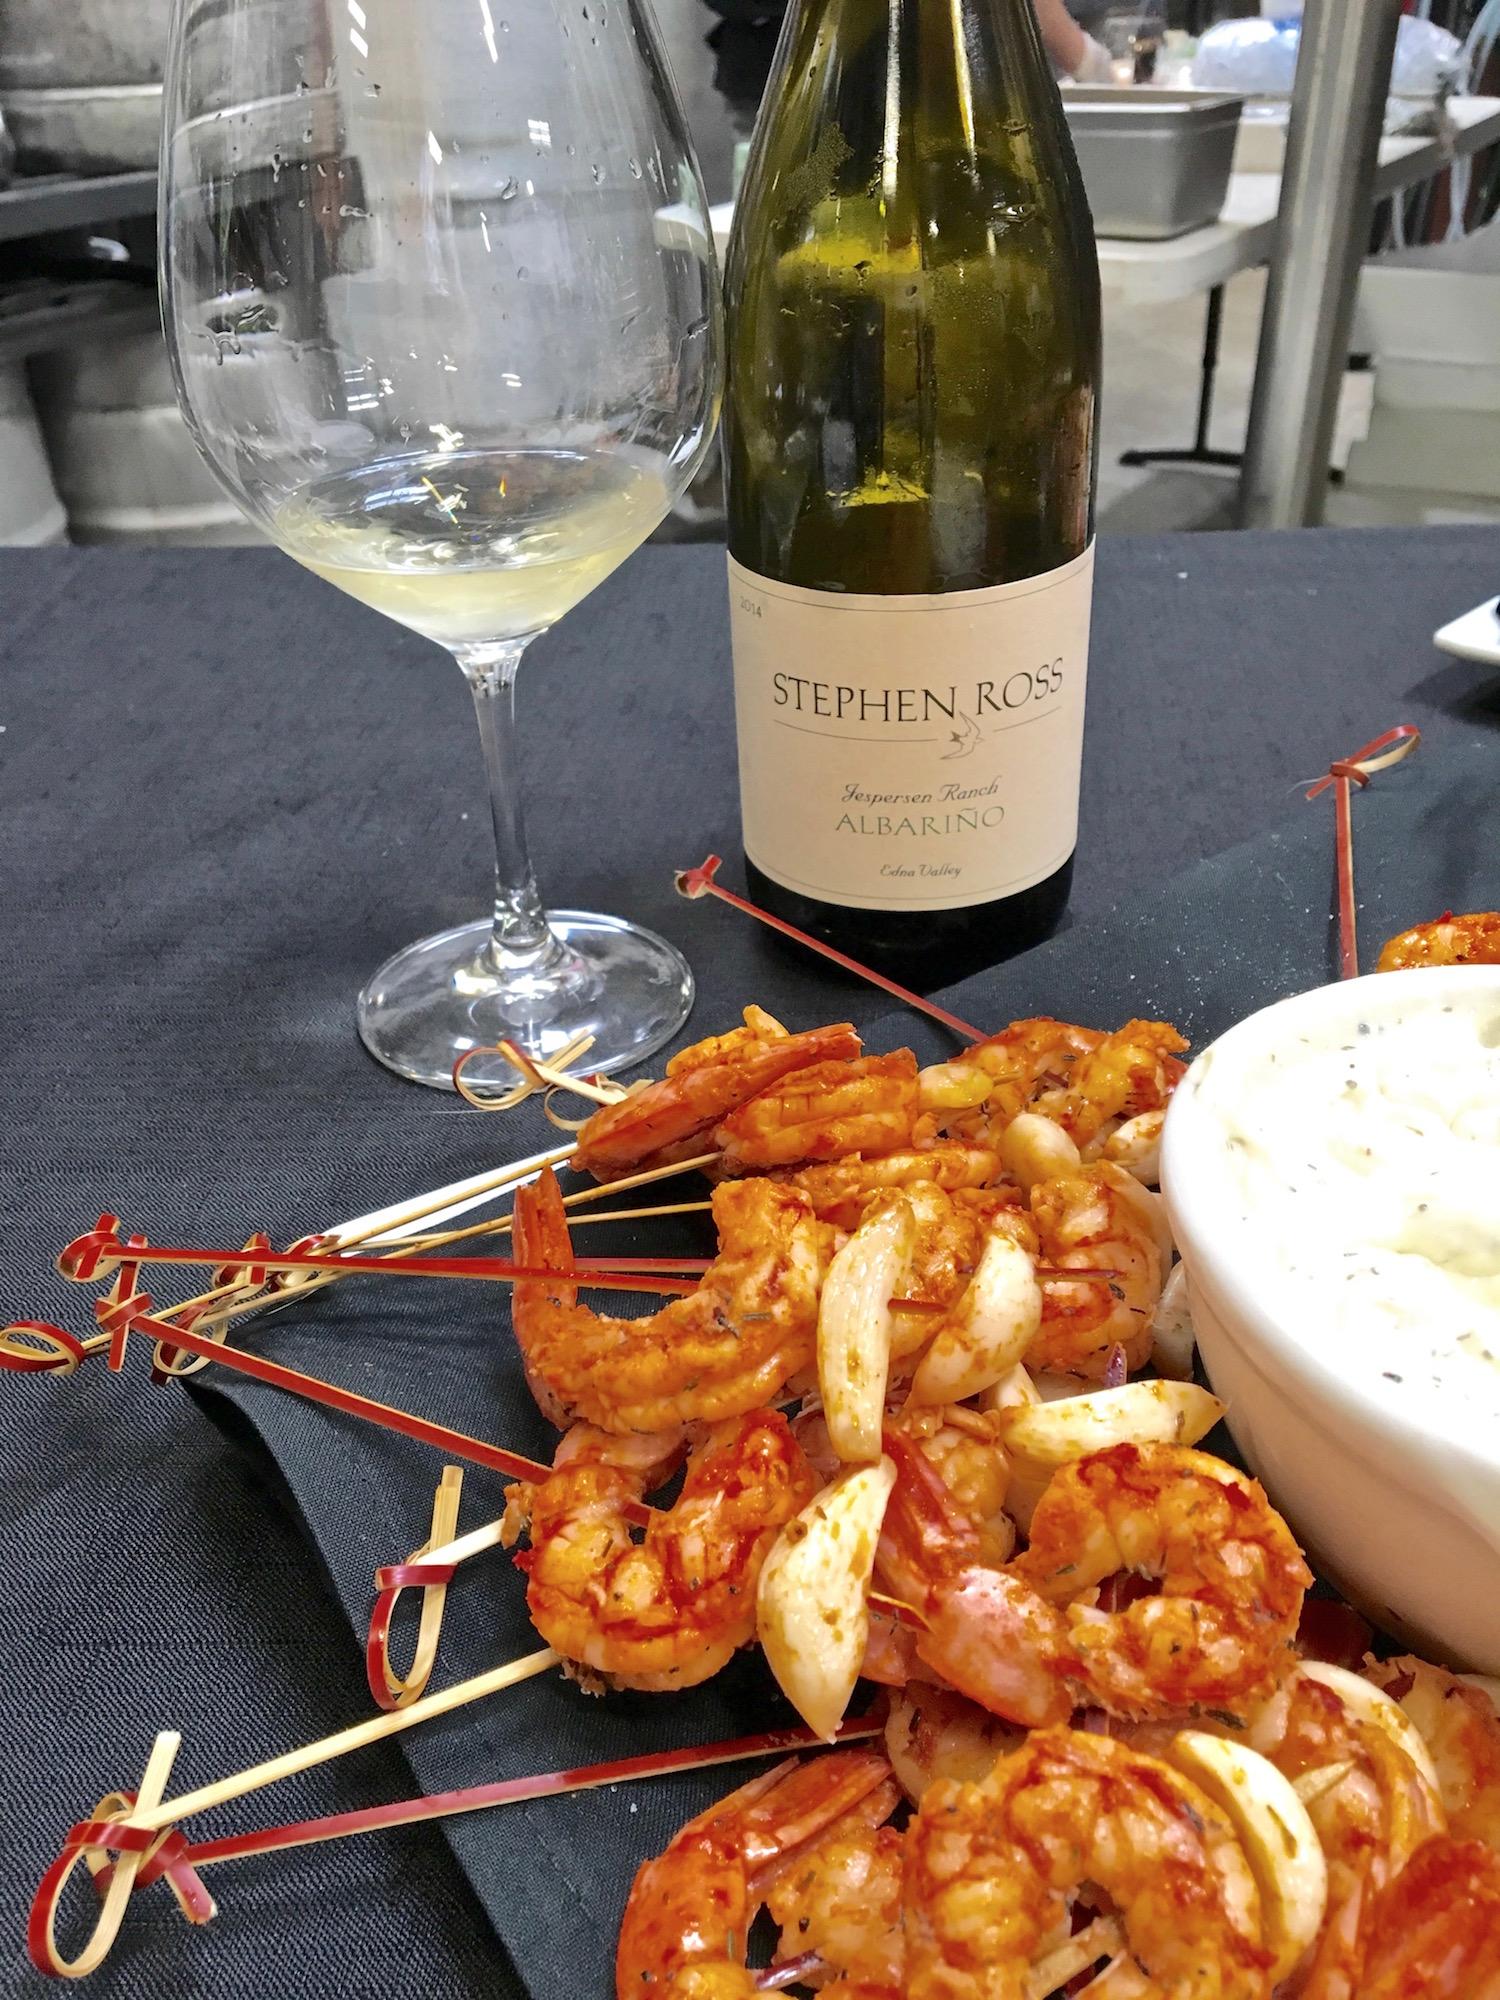 Stephen Ross wine food pairing.jpg